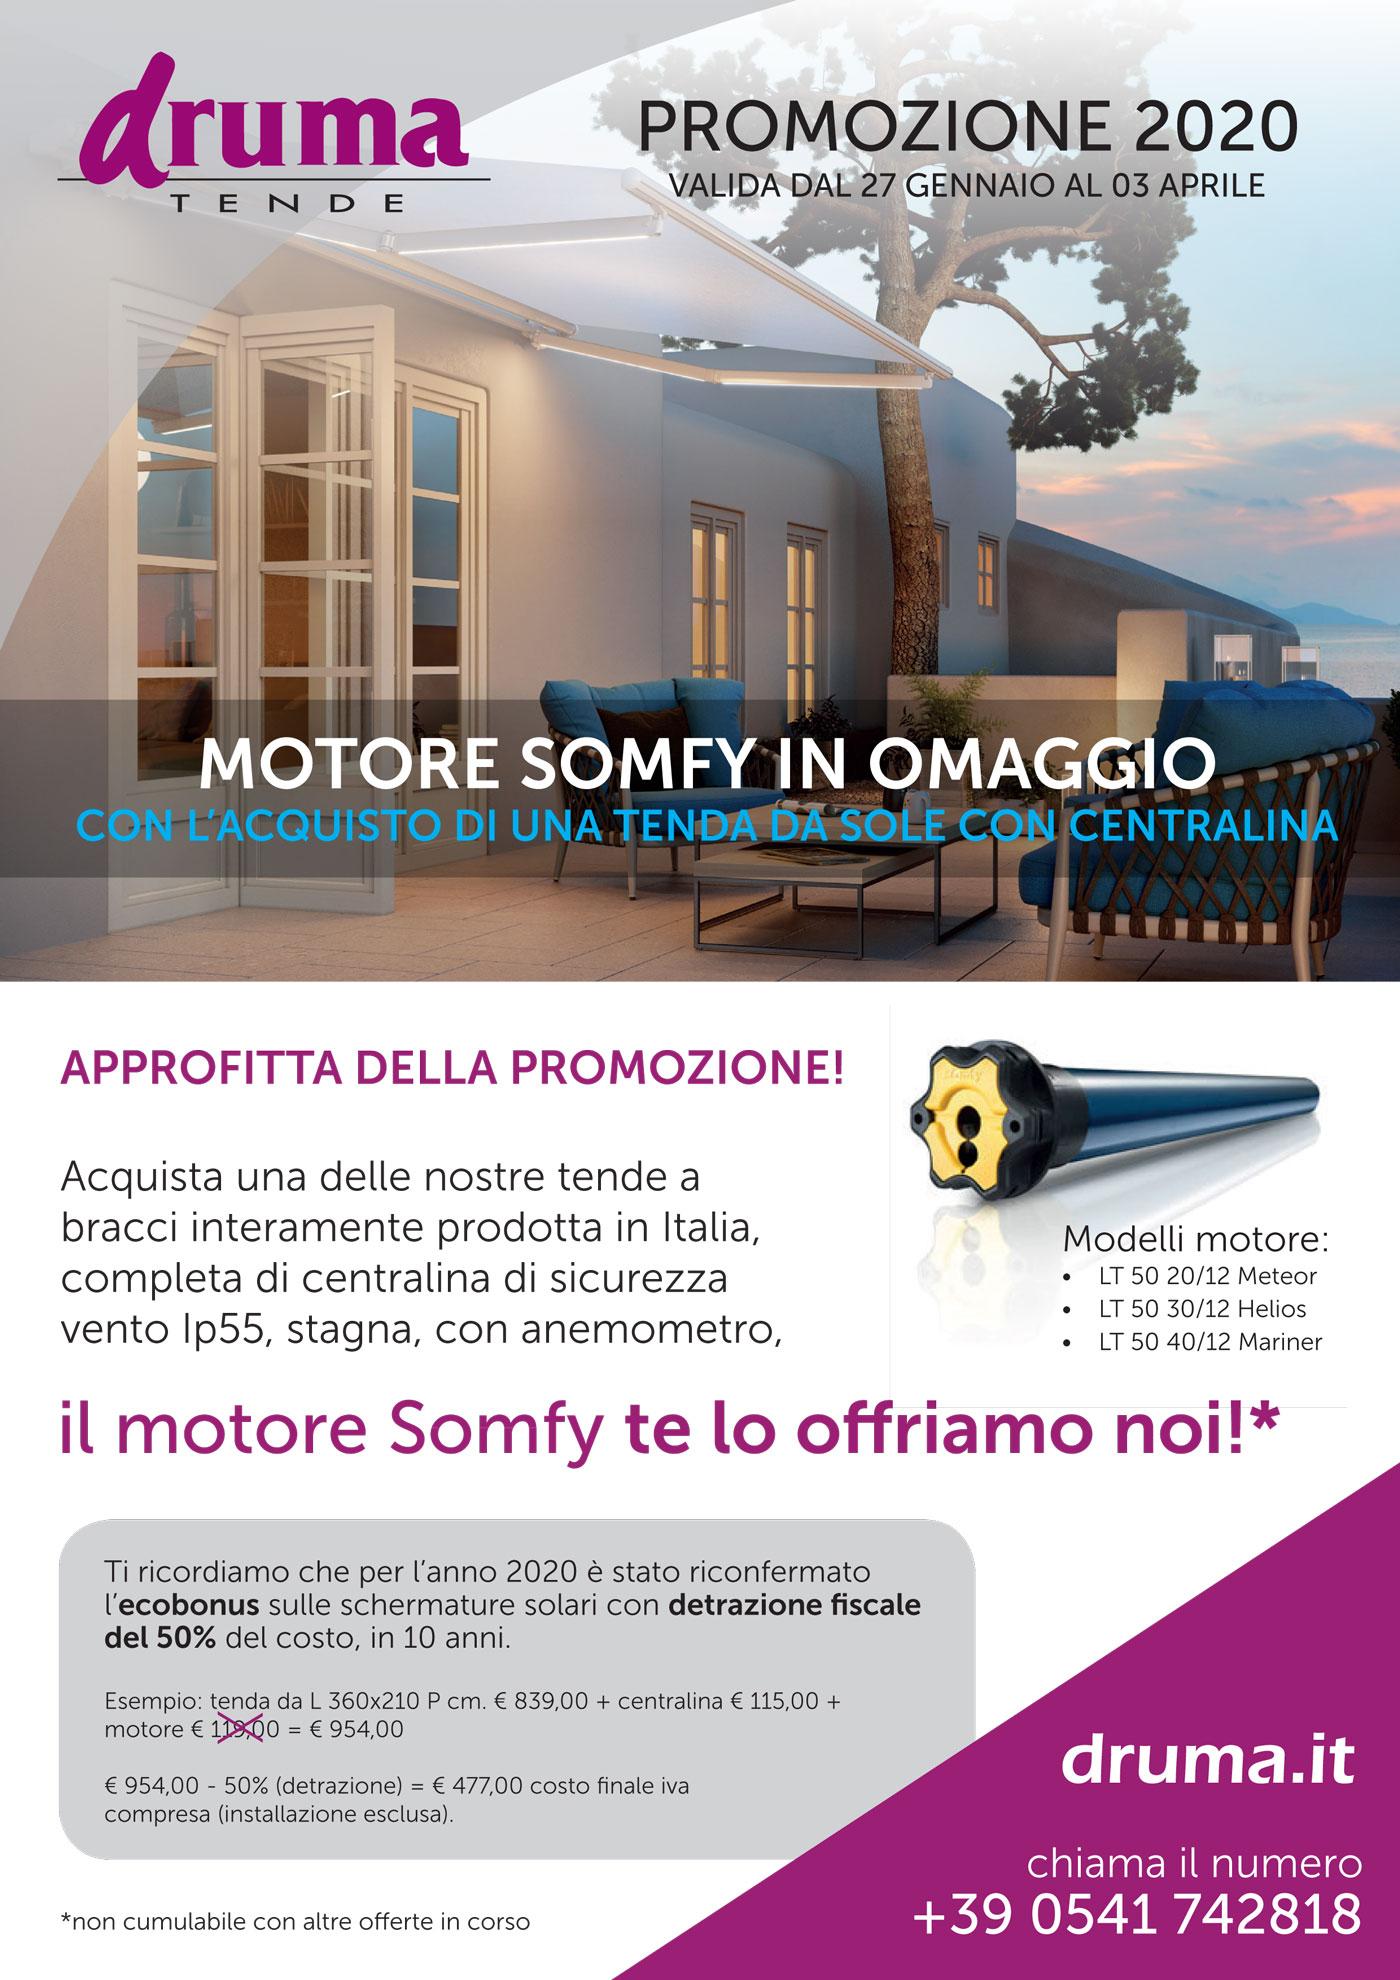 PROMOZIONE 2020 - MOTORE IN OMAGGIO